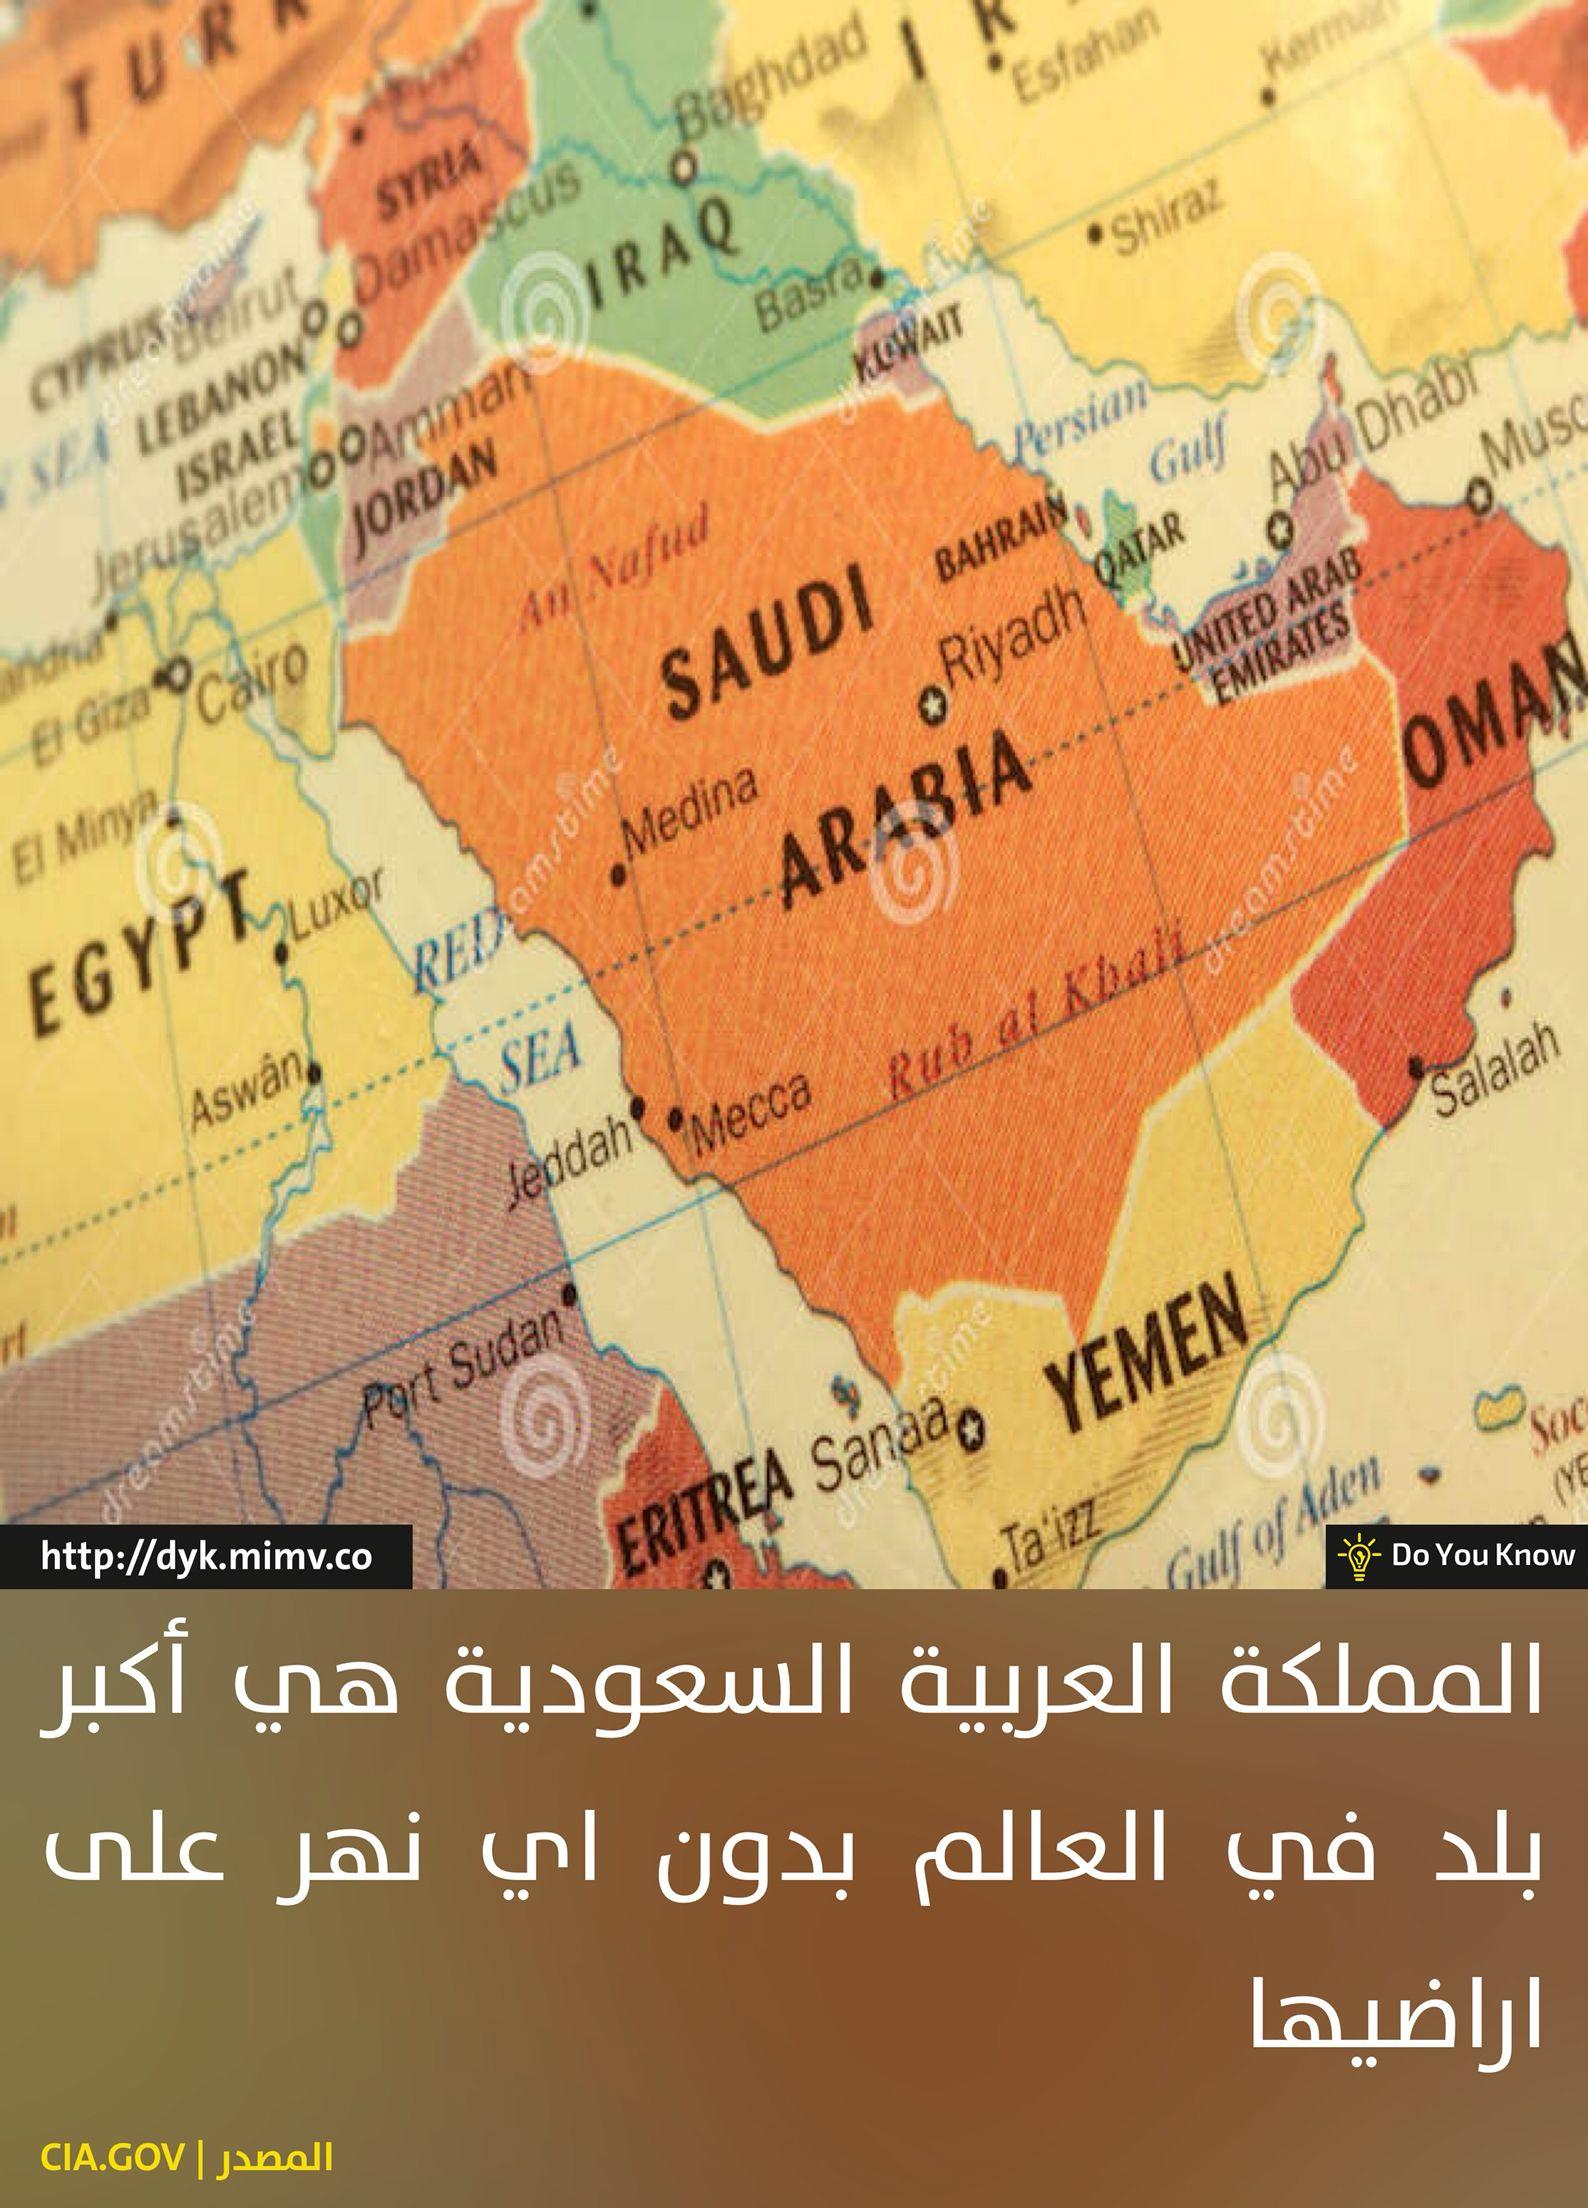 هل تعلم Aswan Salalah Jeddah